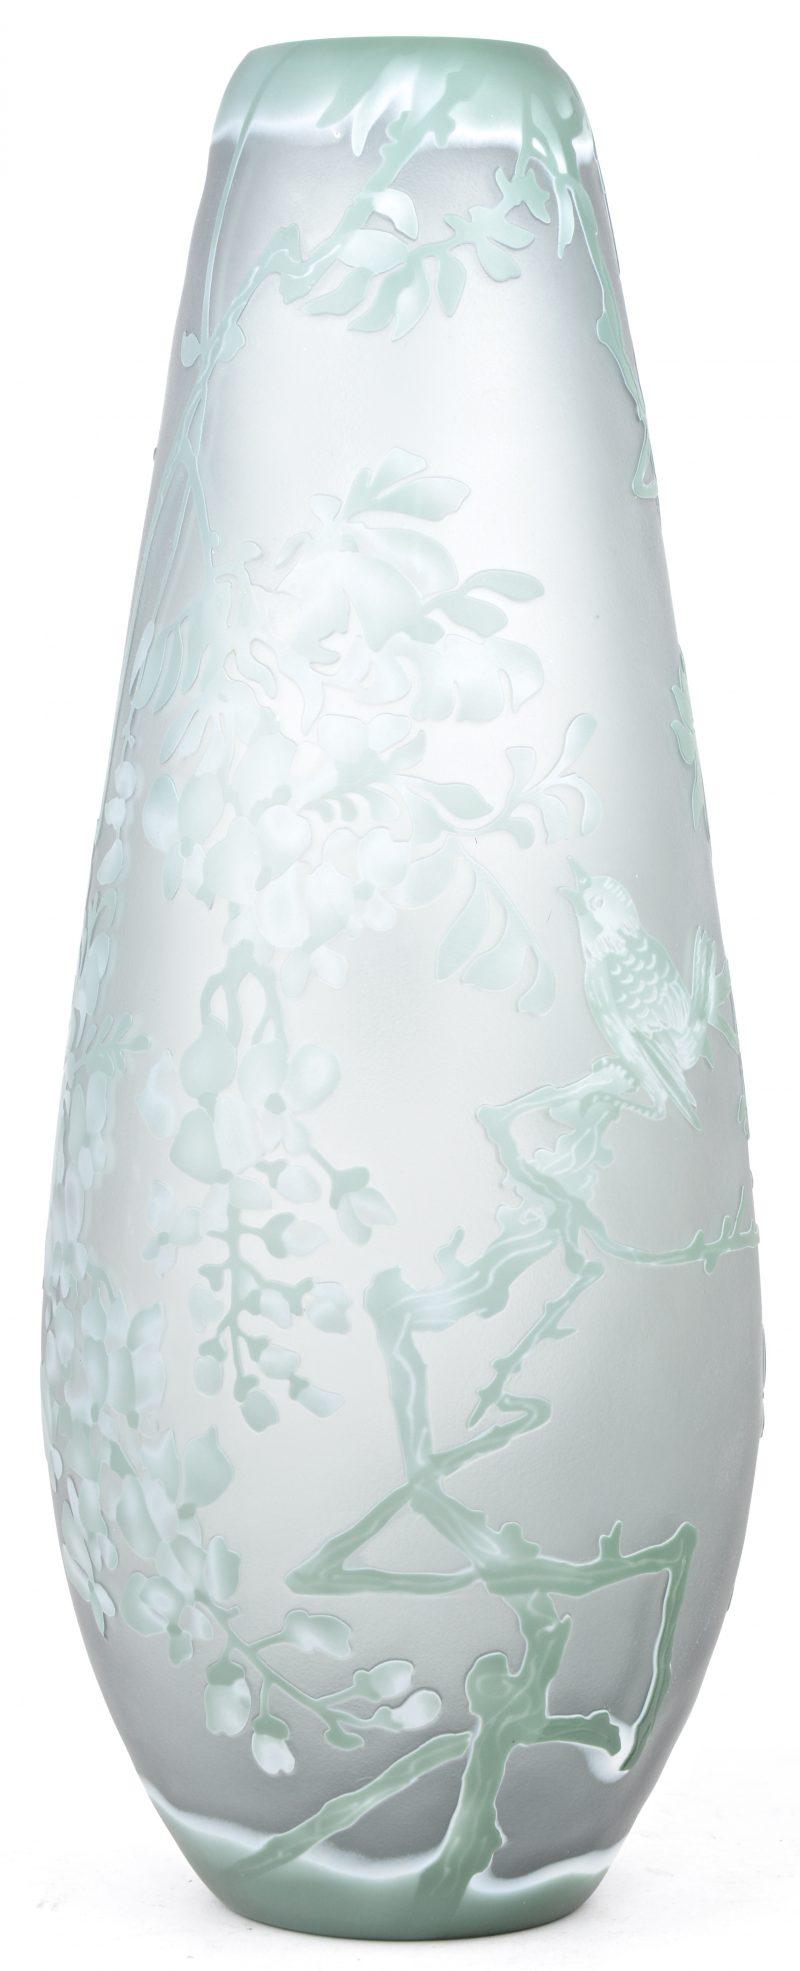 Een glazen vaas met een geëtst decor van bloesems. Gemerkt.